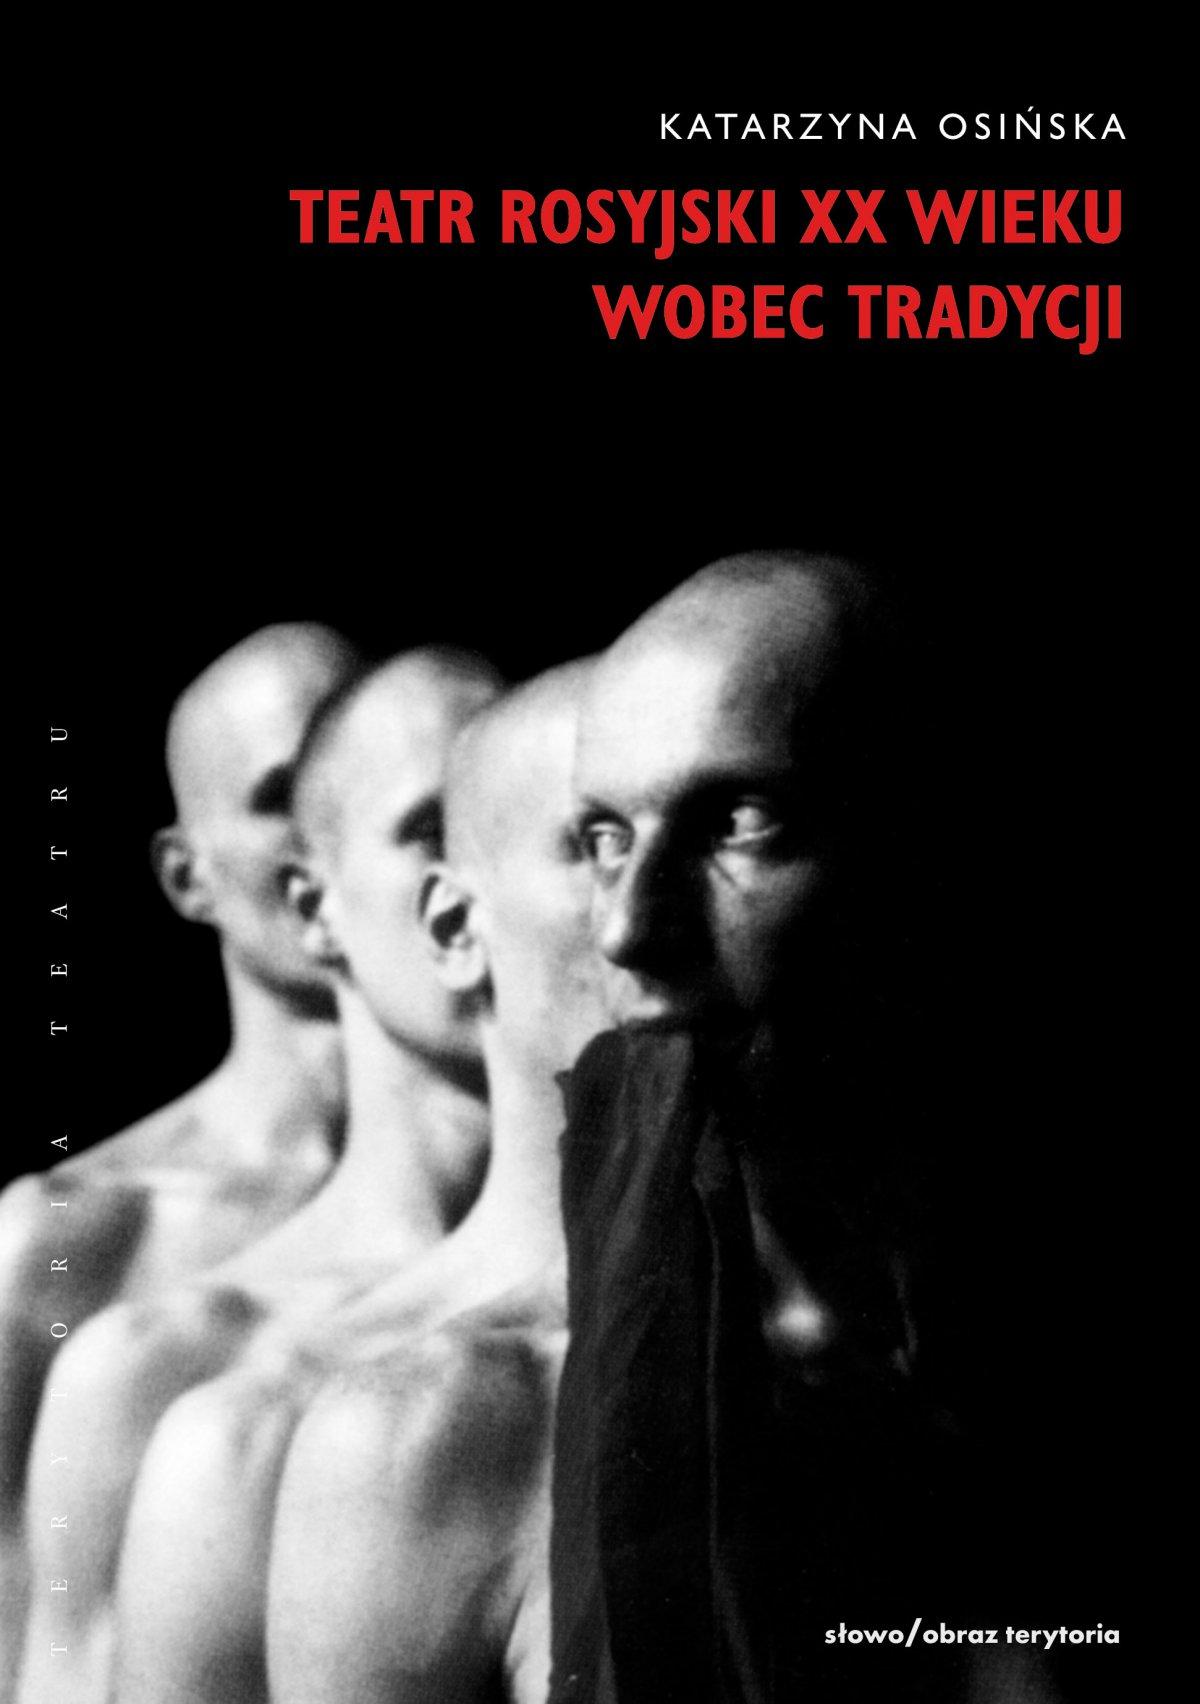 Teatr rosyjski XX wieku wobec tradycji. Kontynuacje, zerwania, transformacje - Ebook (Książka EPUB) do pobrania w formacie EPUB